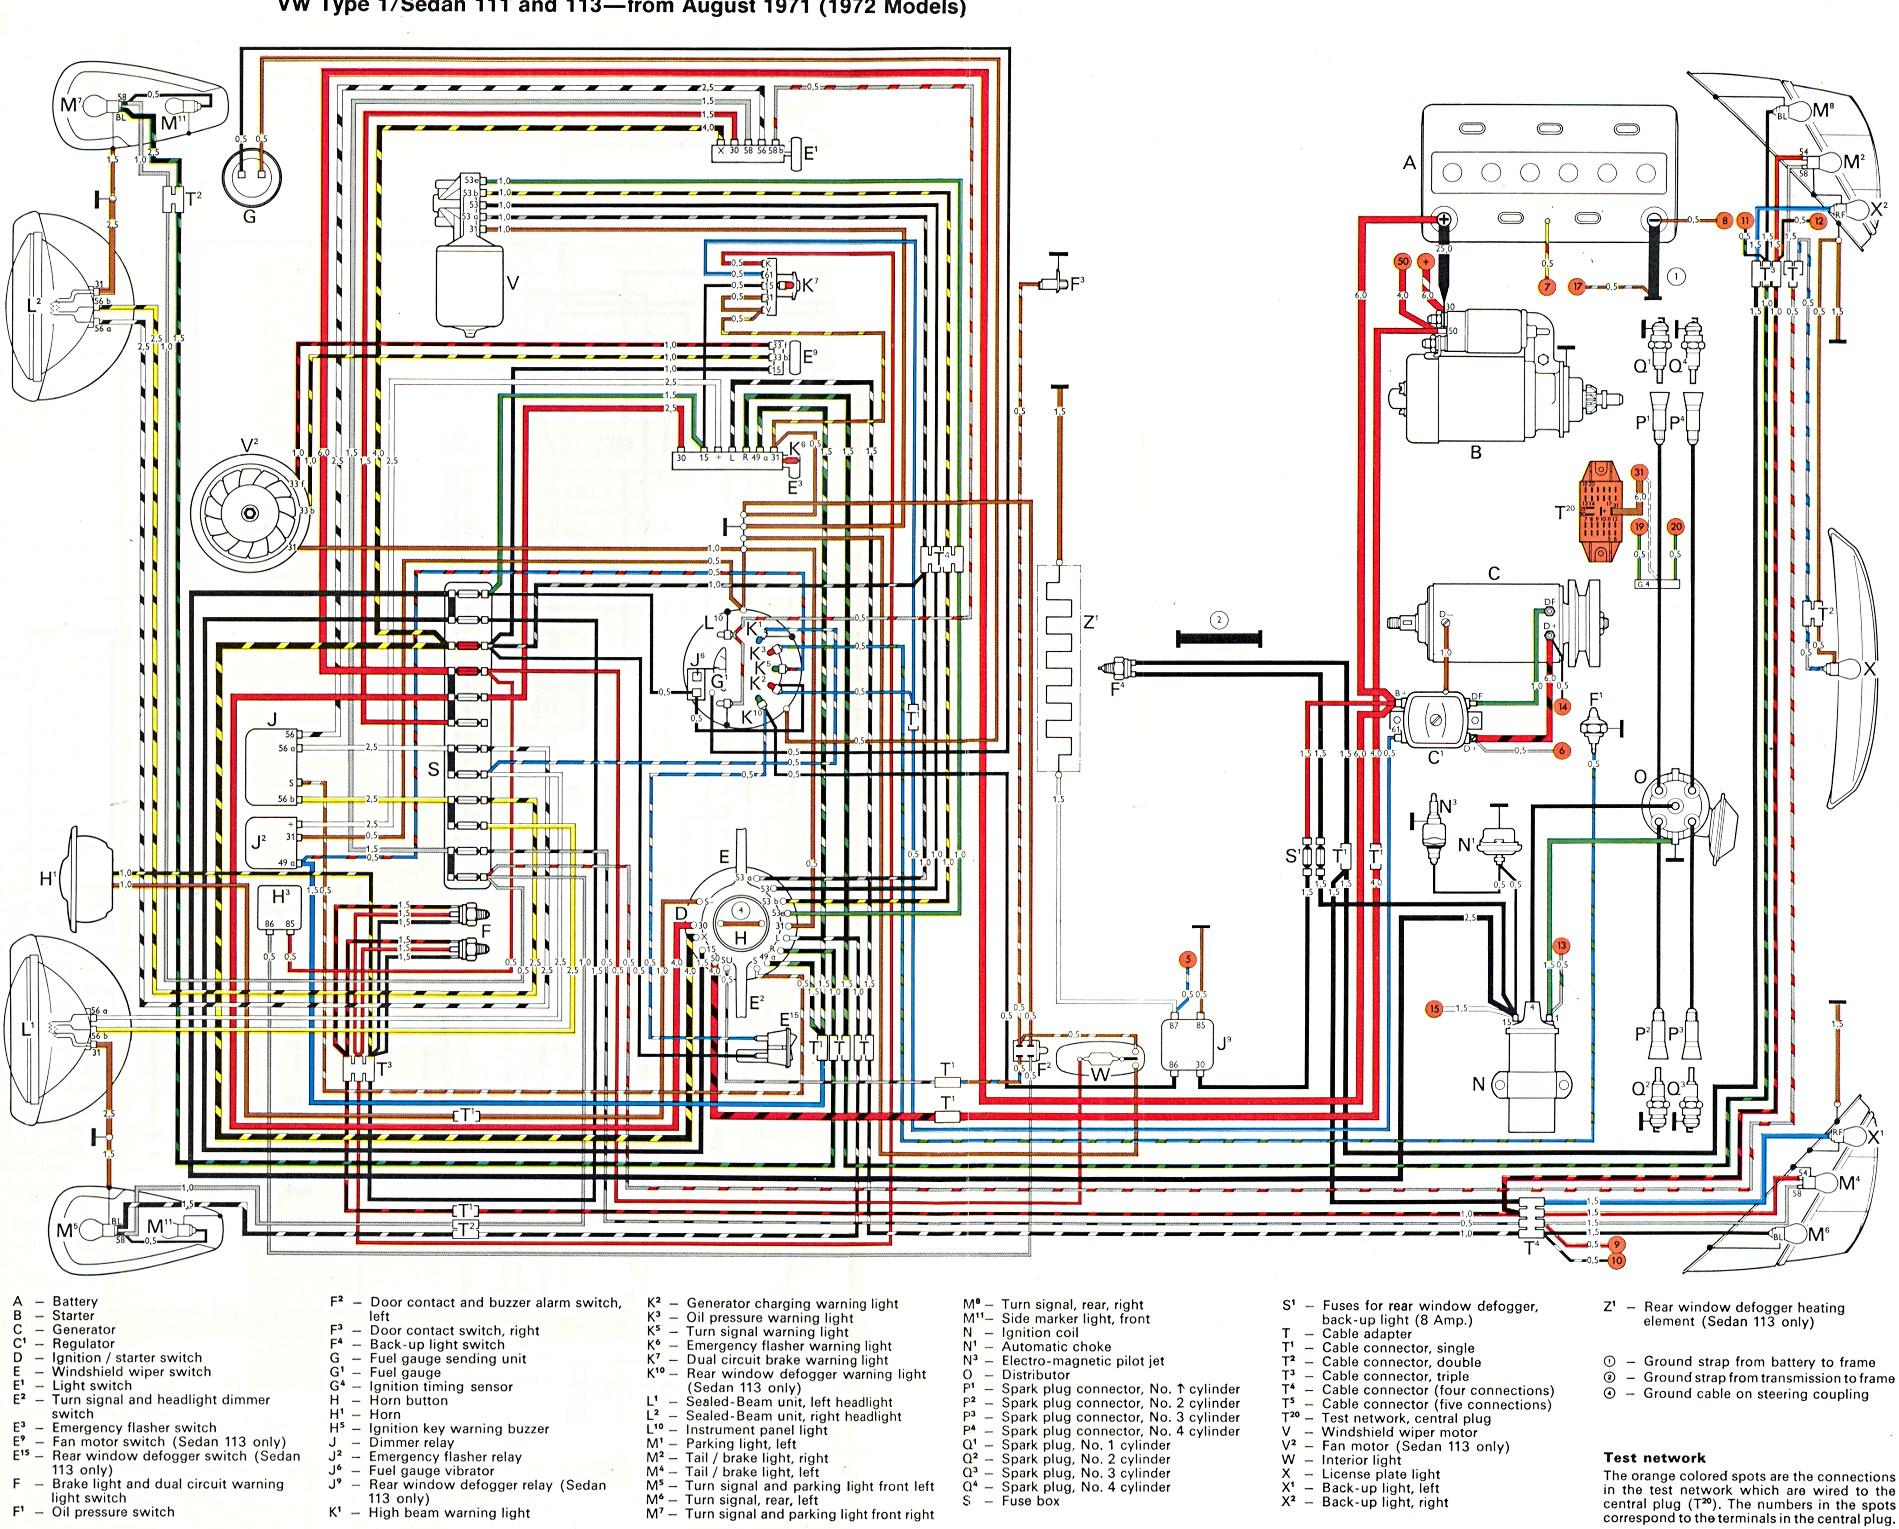 bug_std_super_72?resize=665%2C535&ssl=1 1974 super beetle wiring diagram annavernon readingrat net 72 vw beetle generator wiring diagram at bayanpartner.co